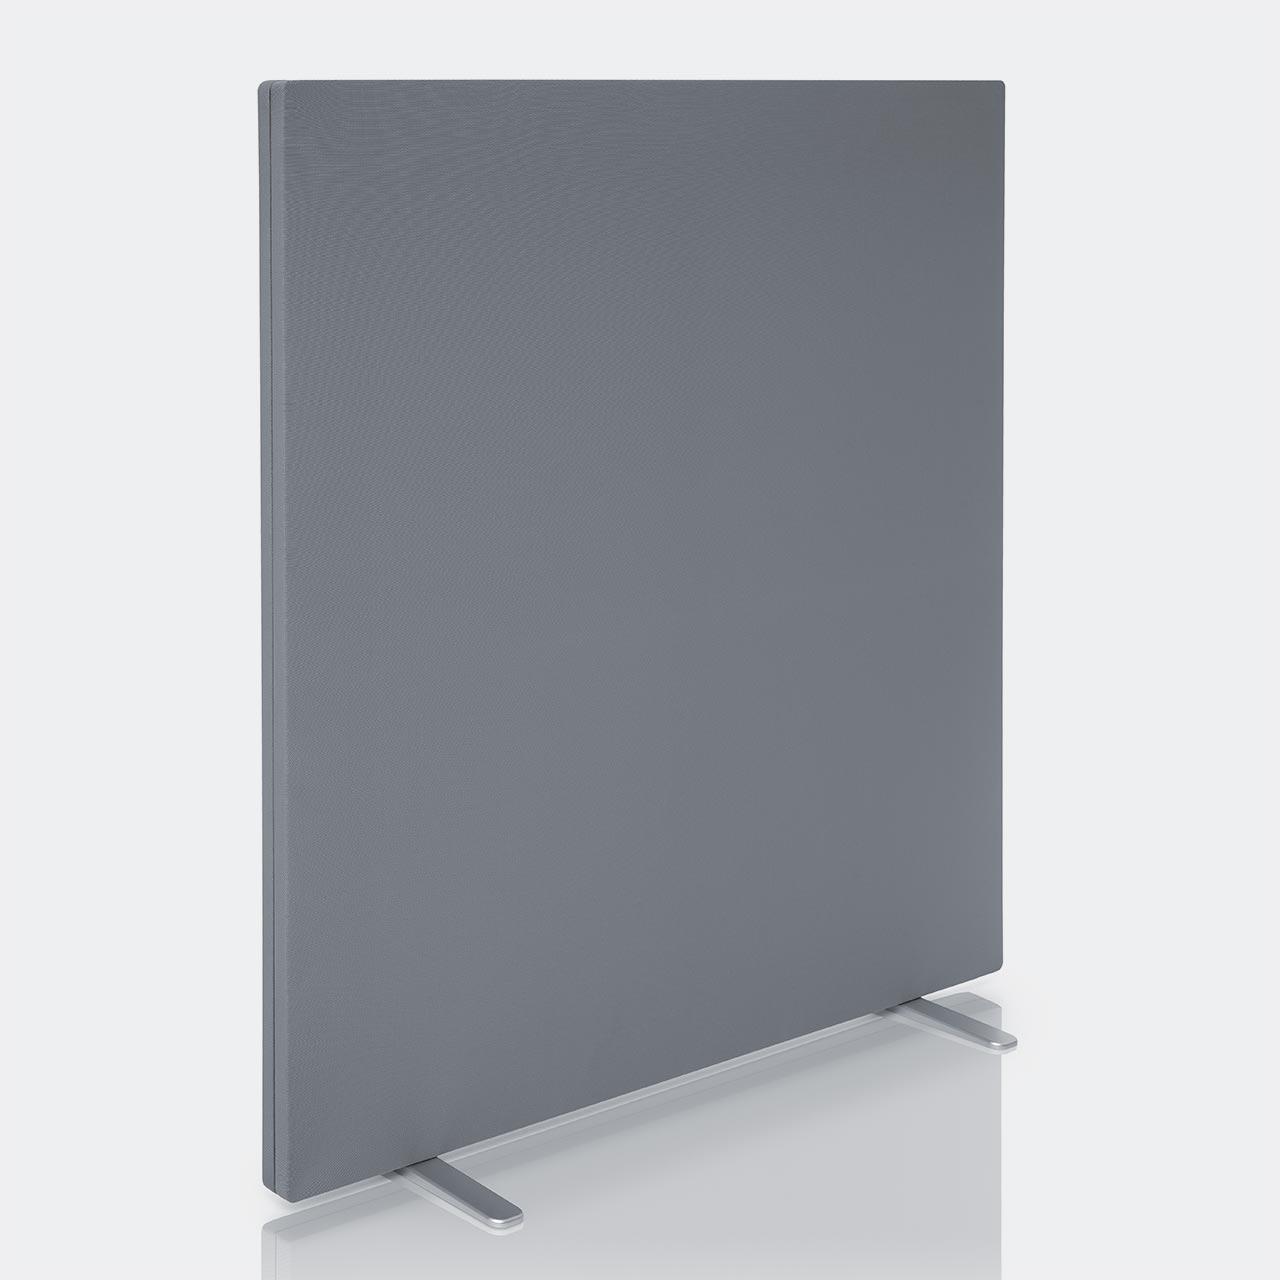 mobil freistehend stellwand sichtschutz raumteiler schallabsorber rechteckig grau akustikflaeche. Black Bedroom Furniture Sets. Home Design Ideas